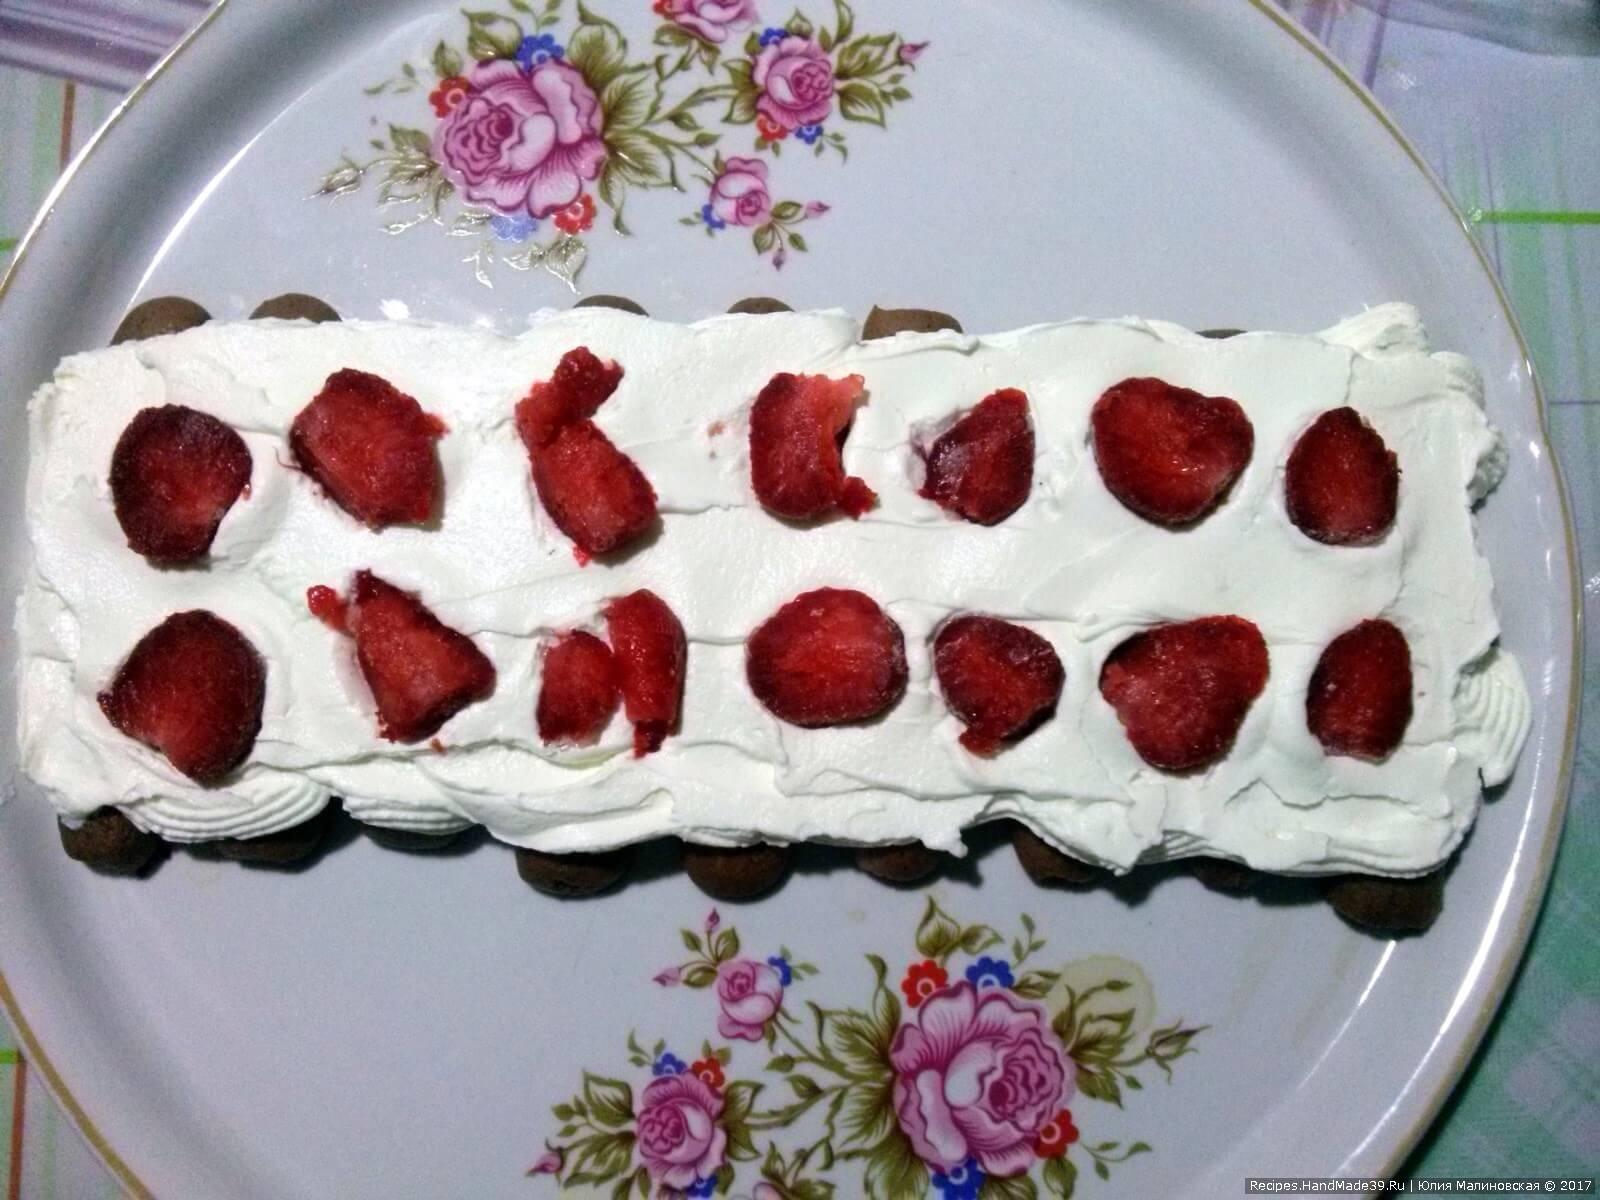 Выложить ягоды клубники